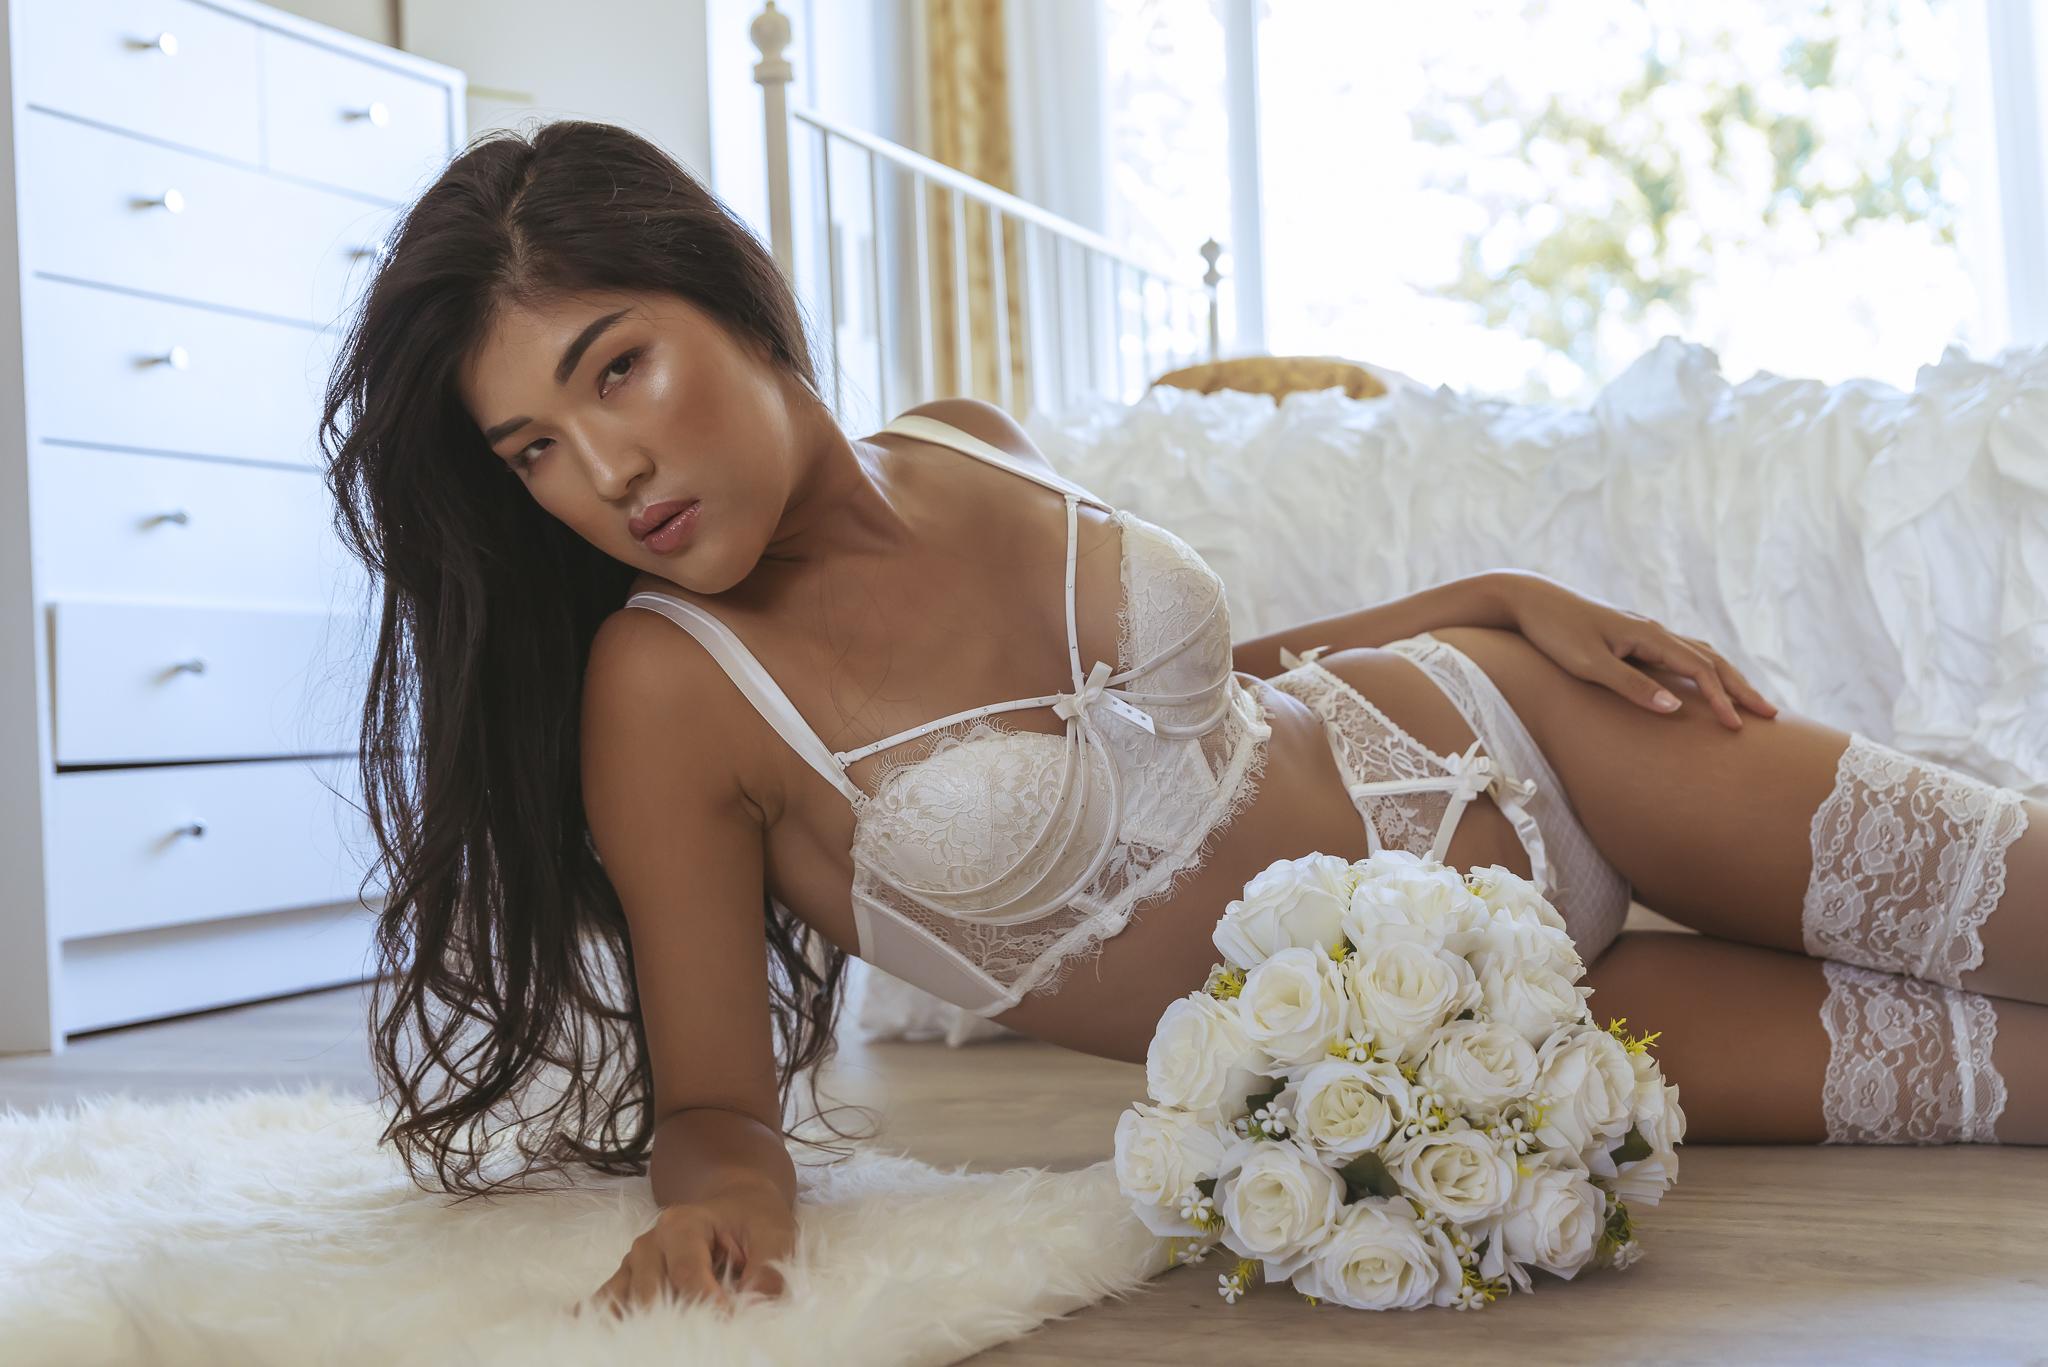 Lonodn boudoir photo shoot-26